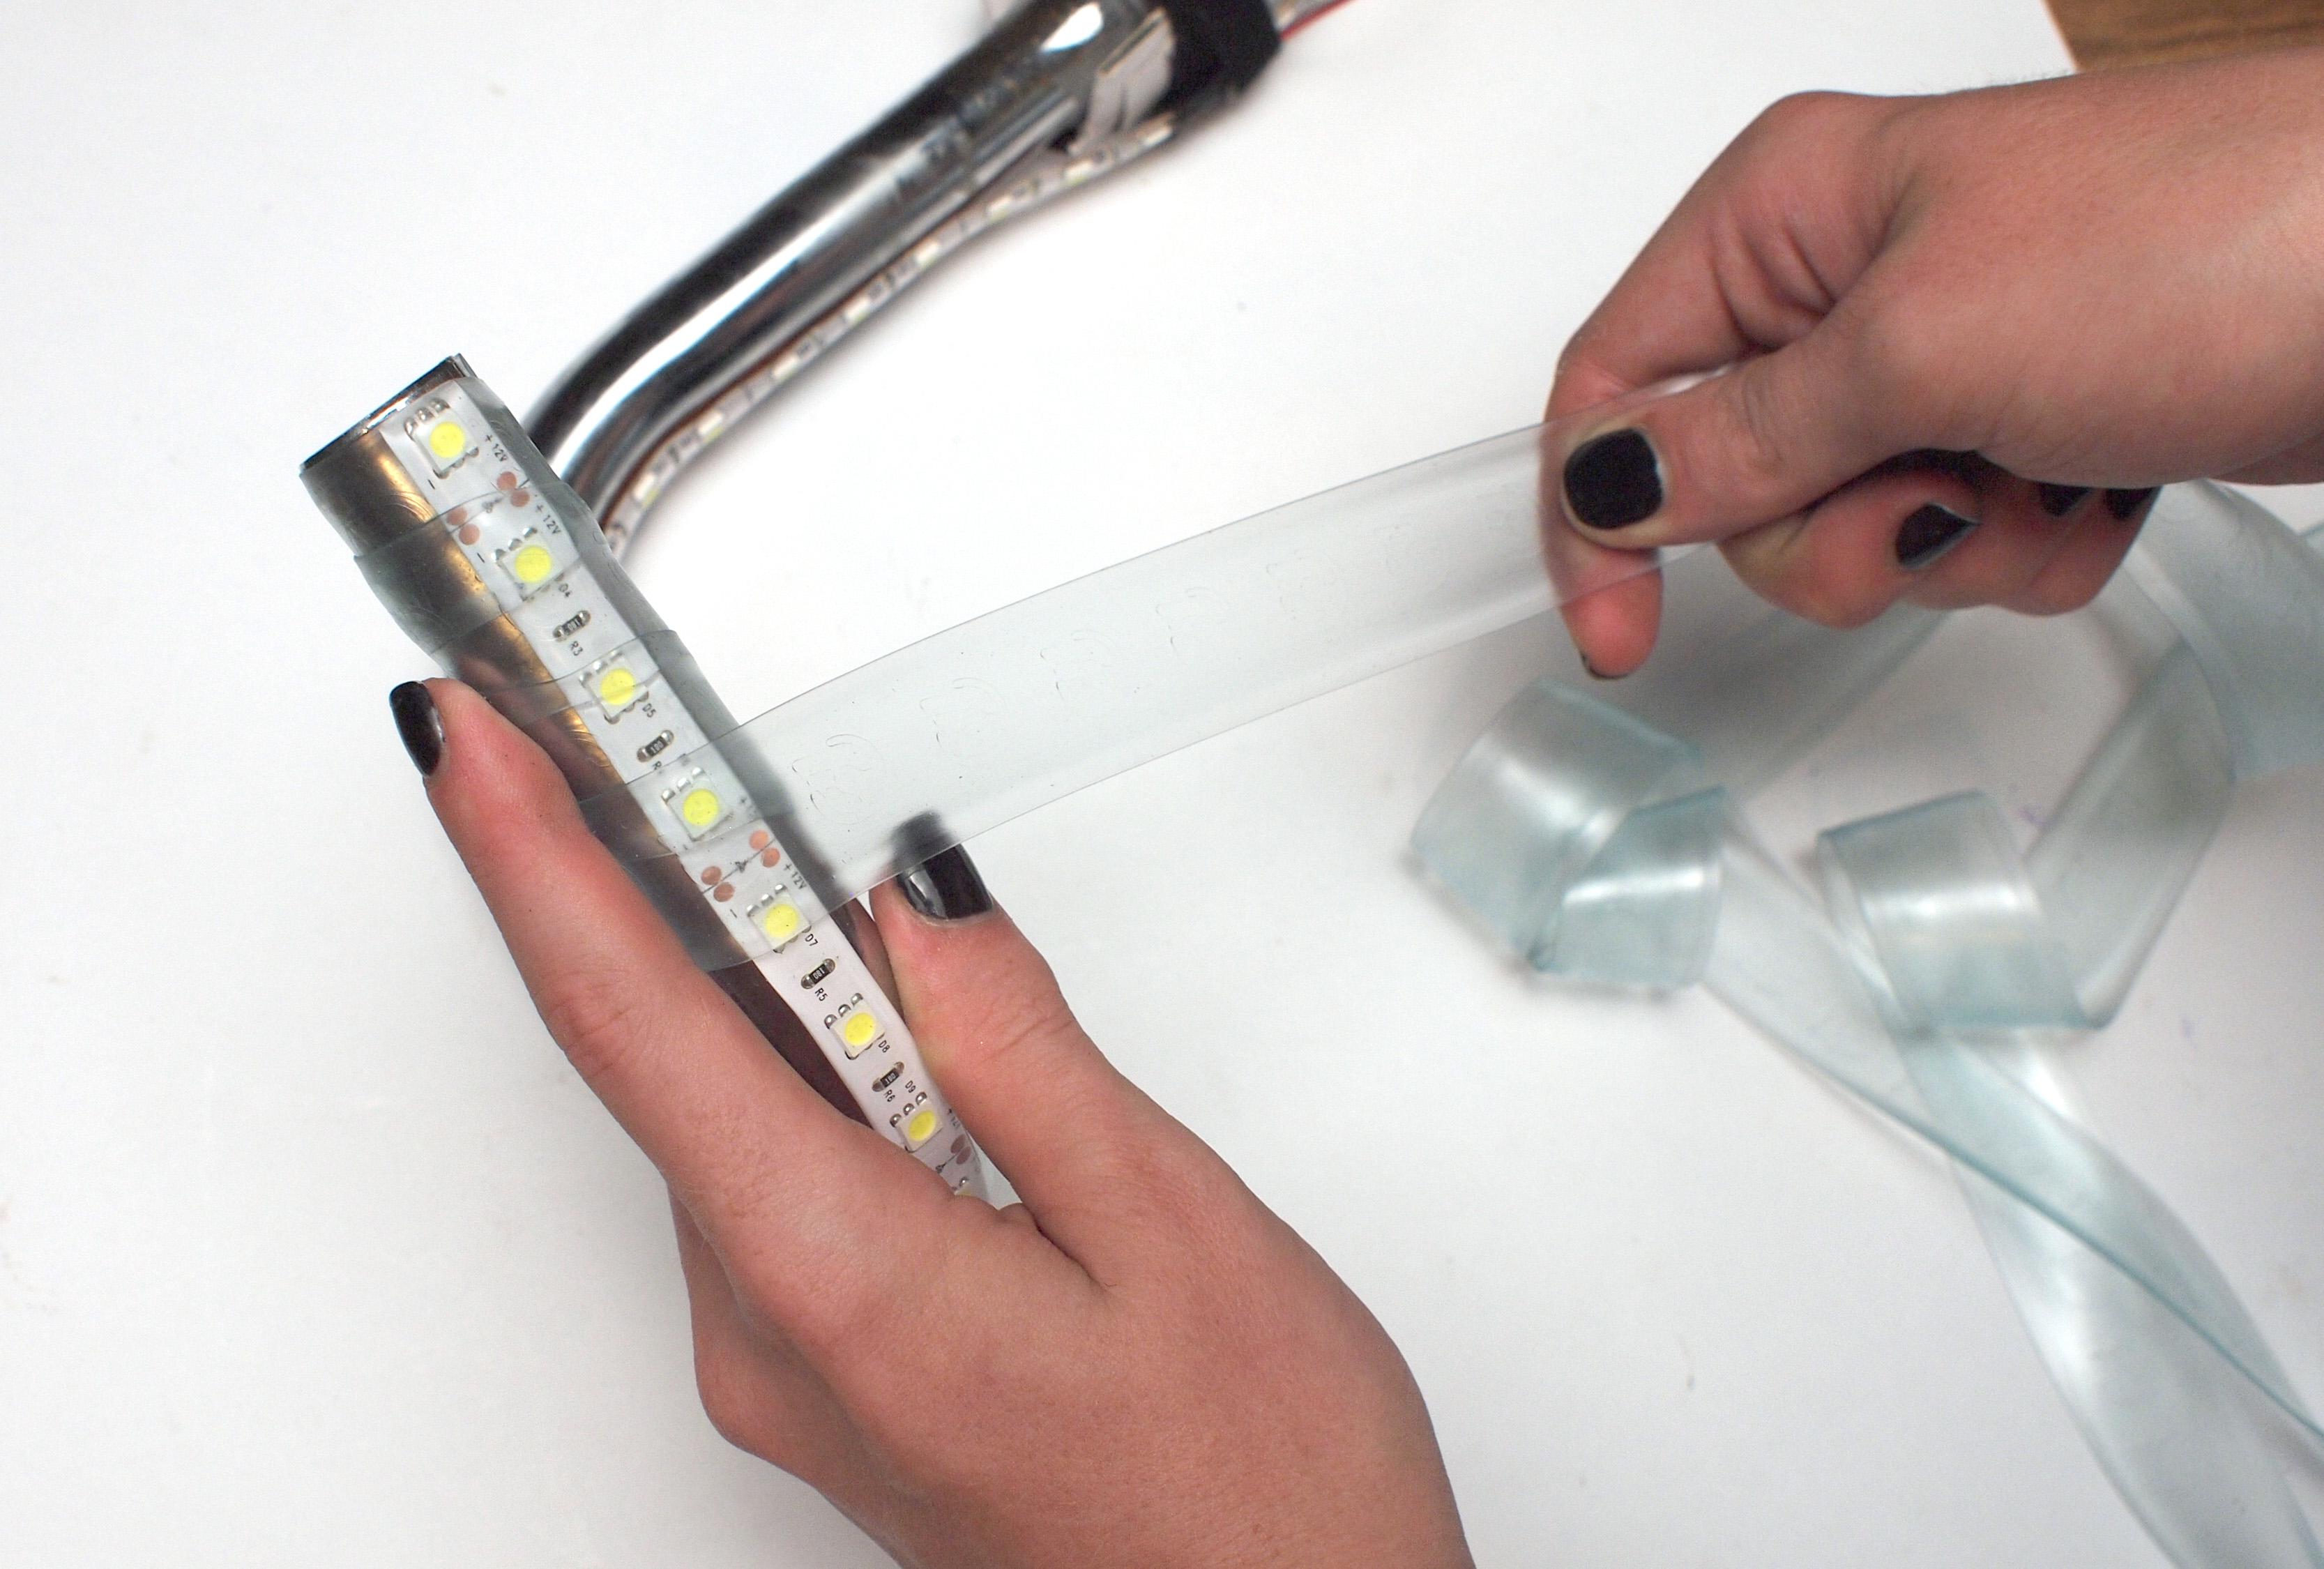 leds_LED-handlebars-adafruit-10.jpg